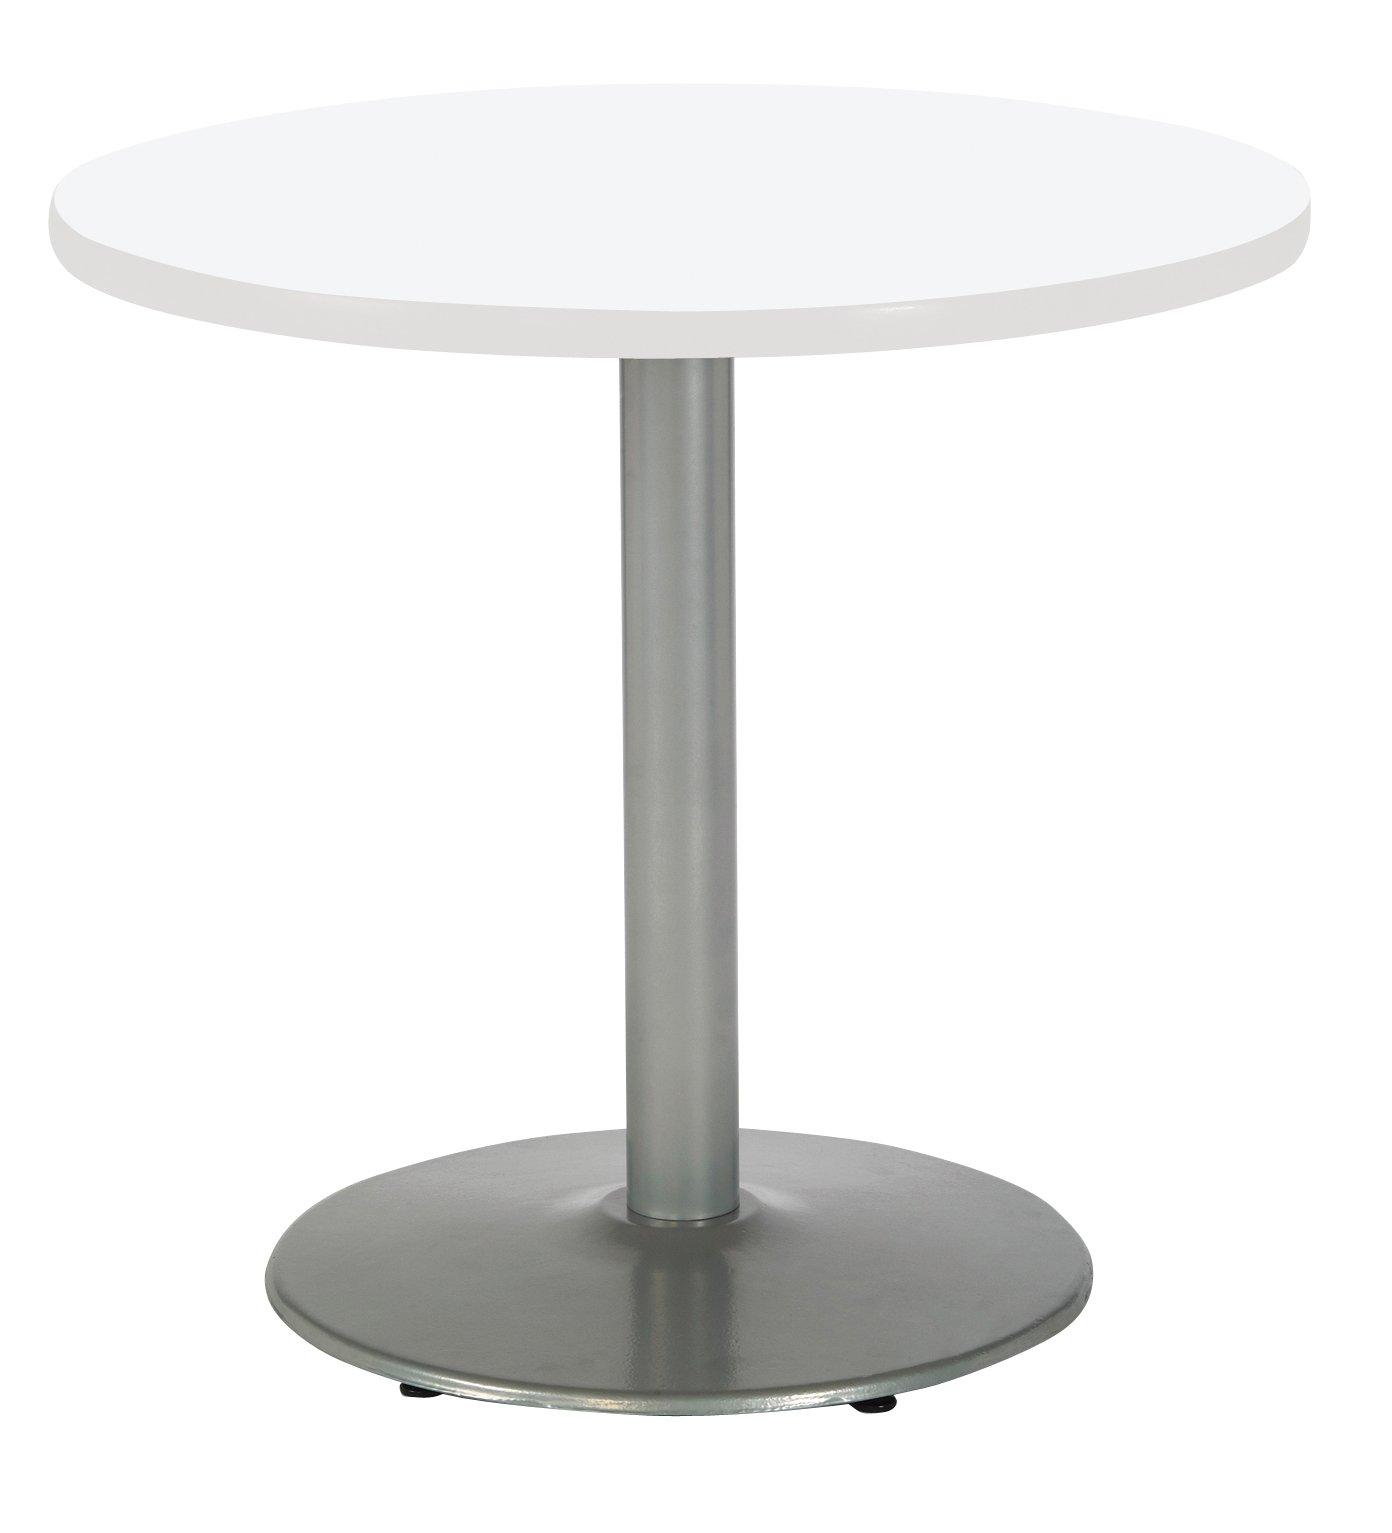 KFI Seating Mode Multipurpose Table 29'' H x 36'' W x 36'' D Designer White by KFI Seating